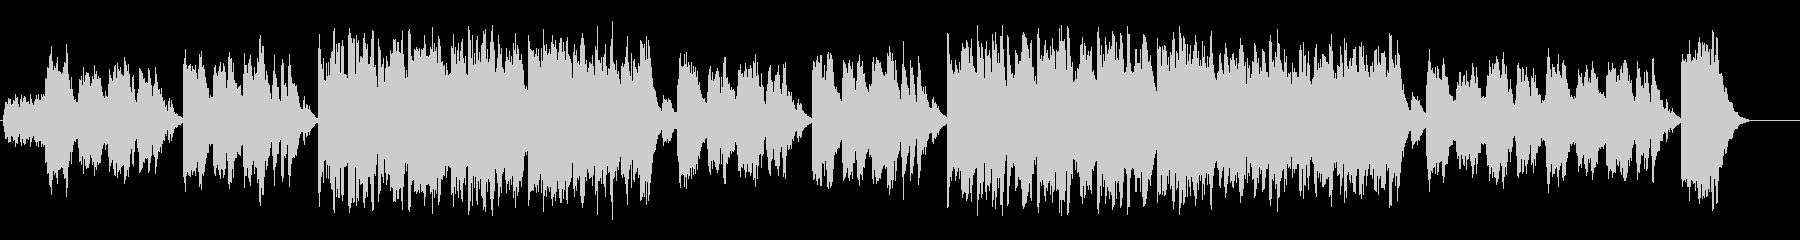 透明なポップバラード(フルサイズ)の未再生の波形